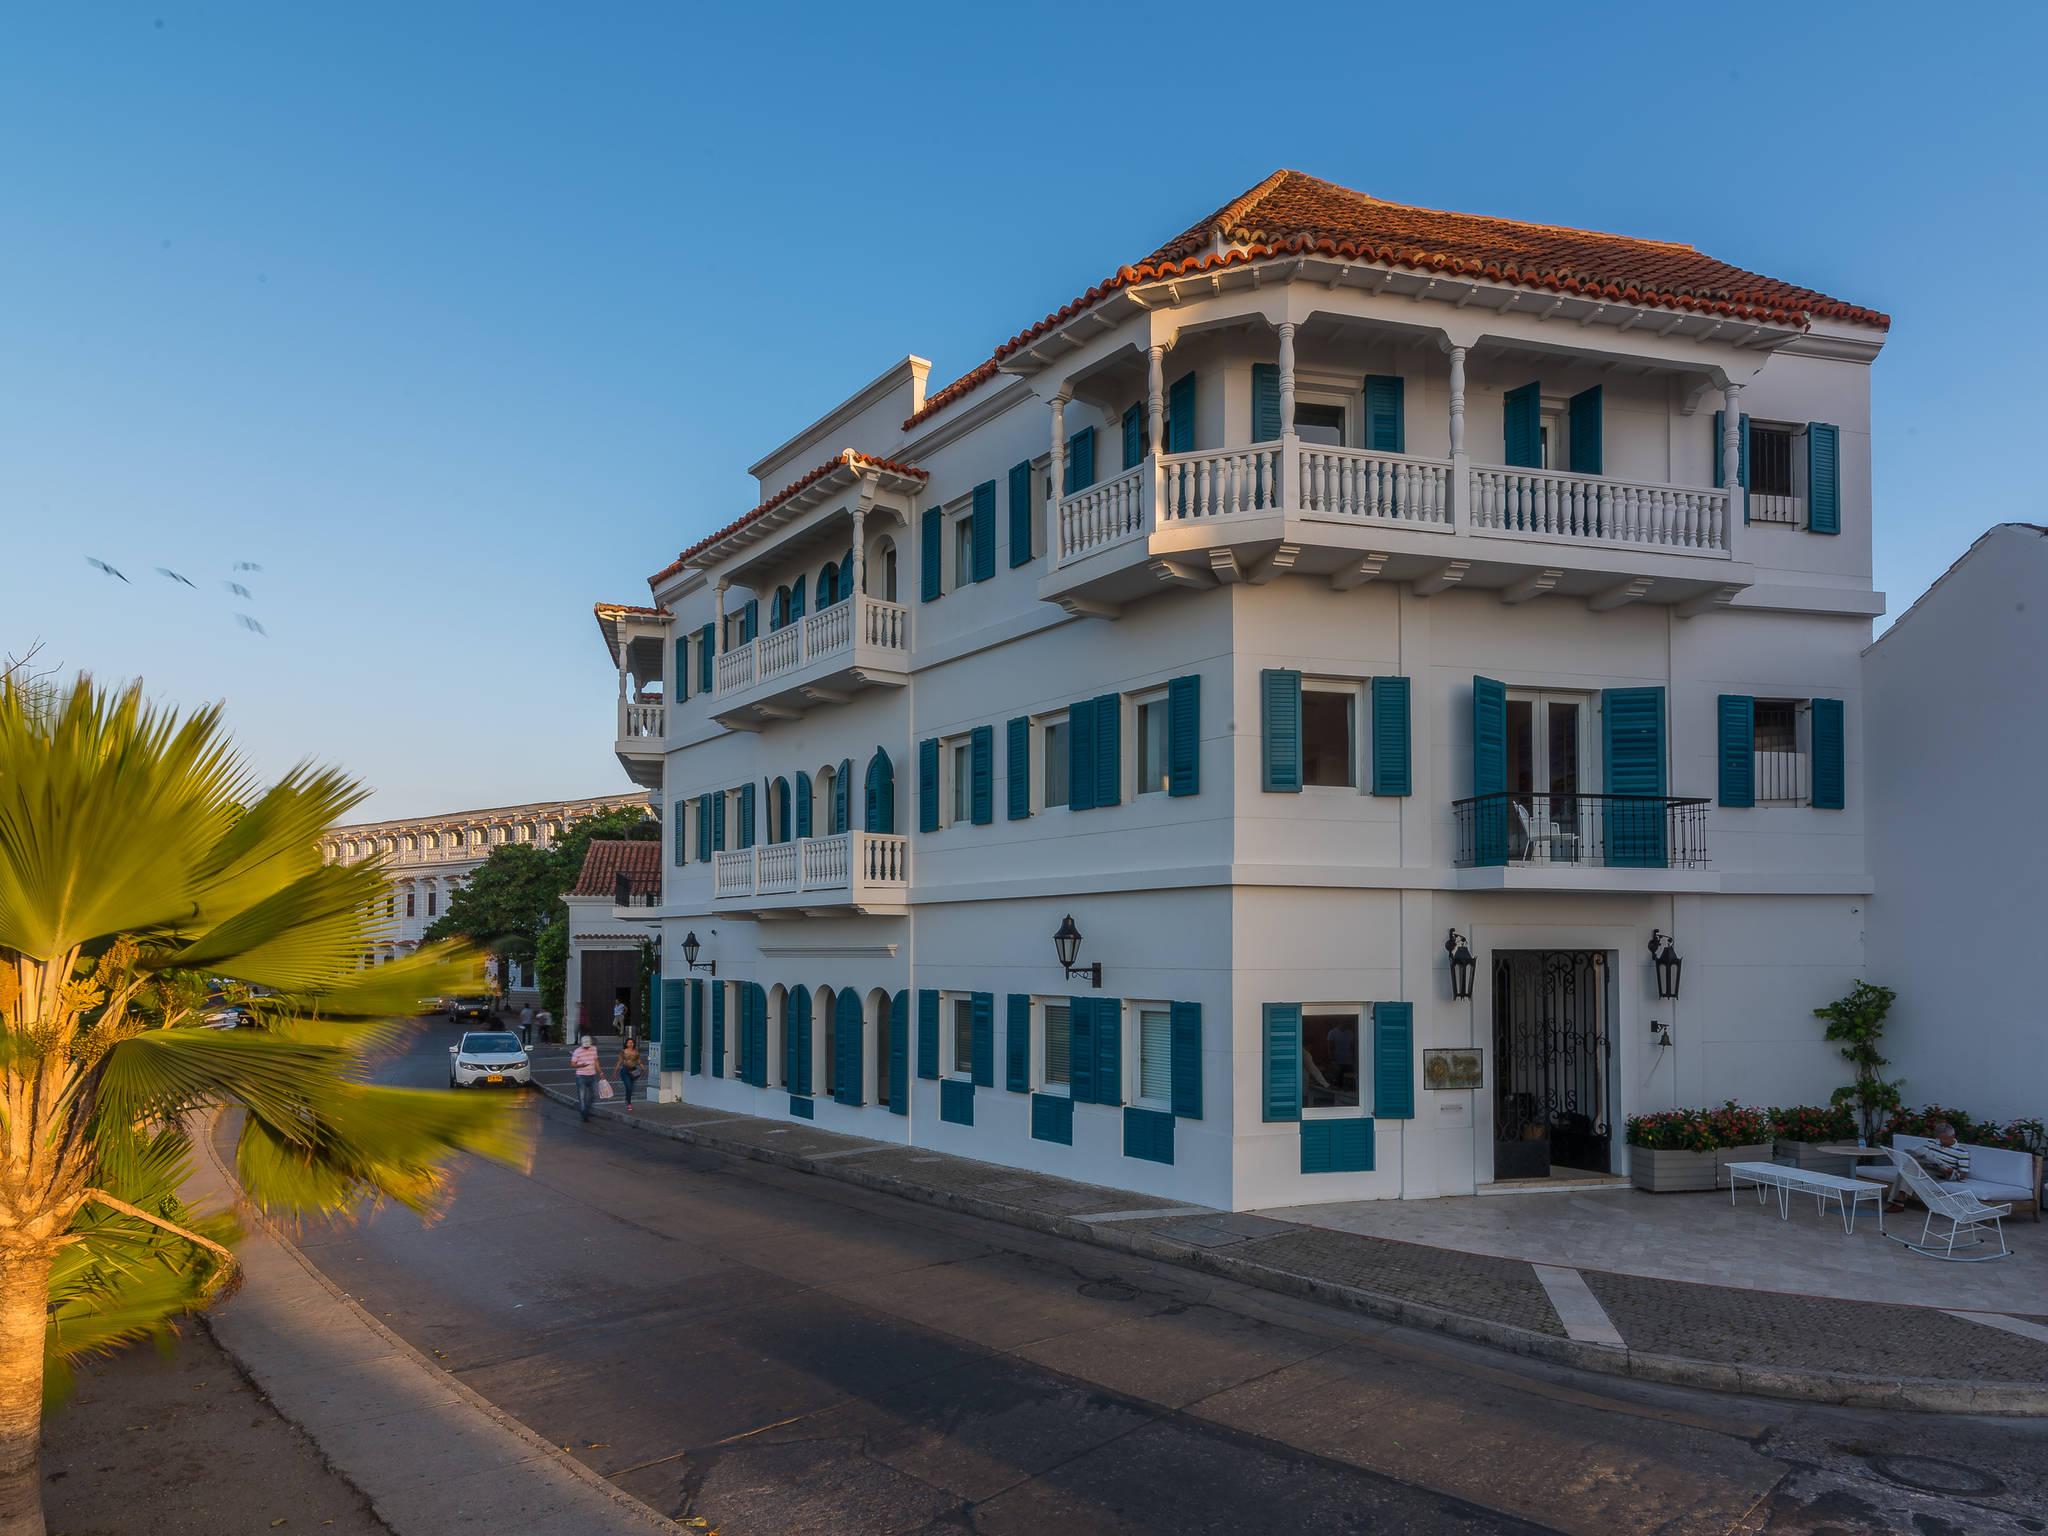 酒店 – 伯瓦达斯圣克拉拉精品酒店